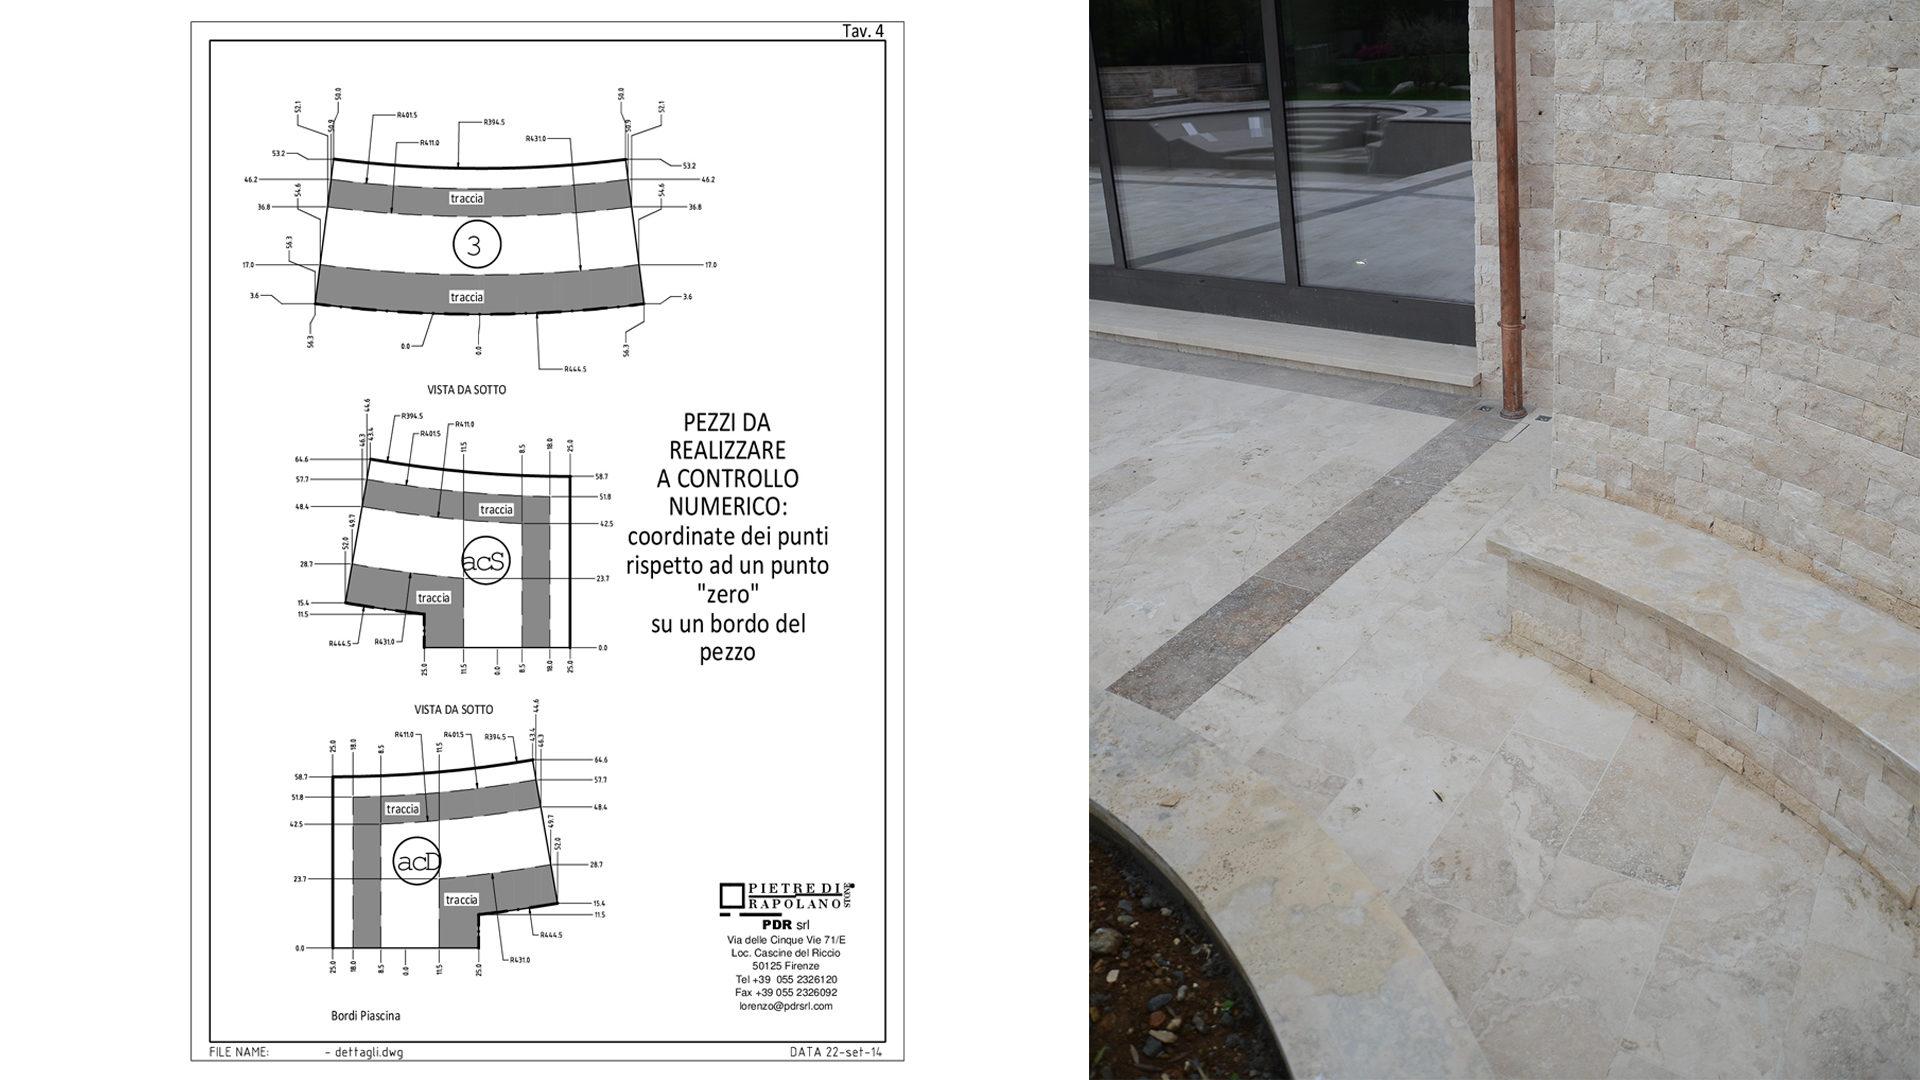 Rivestimento In Pietra Dwg : Projekte schwimmbad und außenbereiche aus travertin pietre di